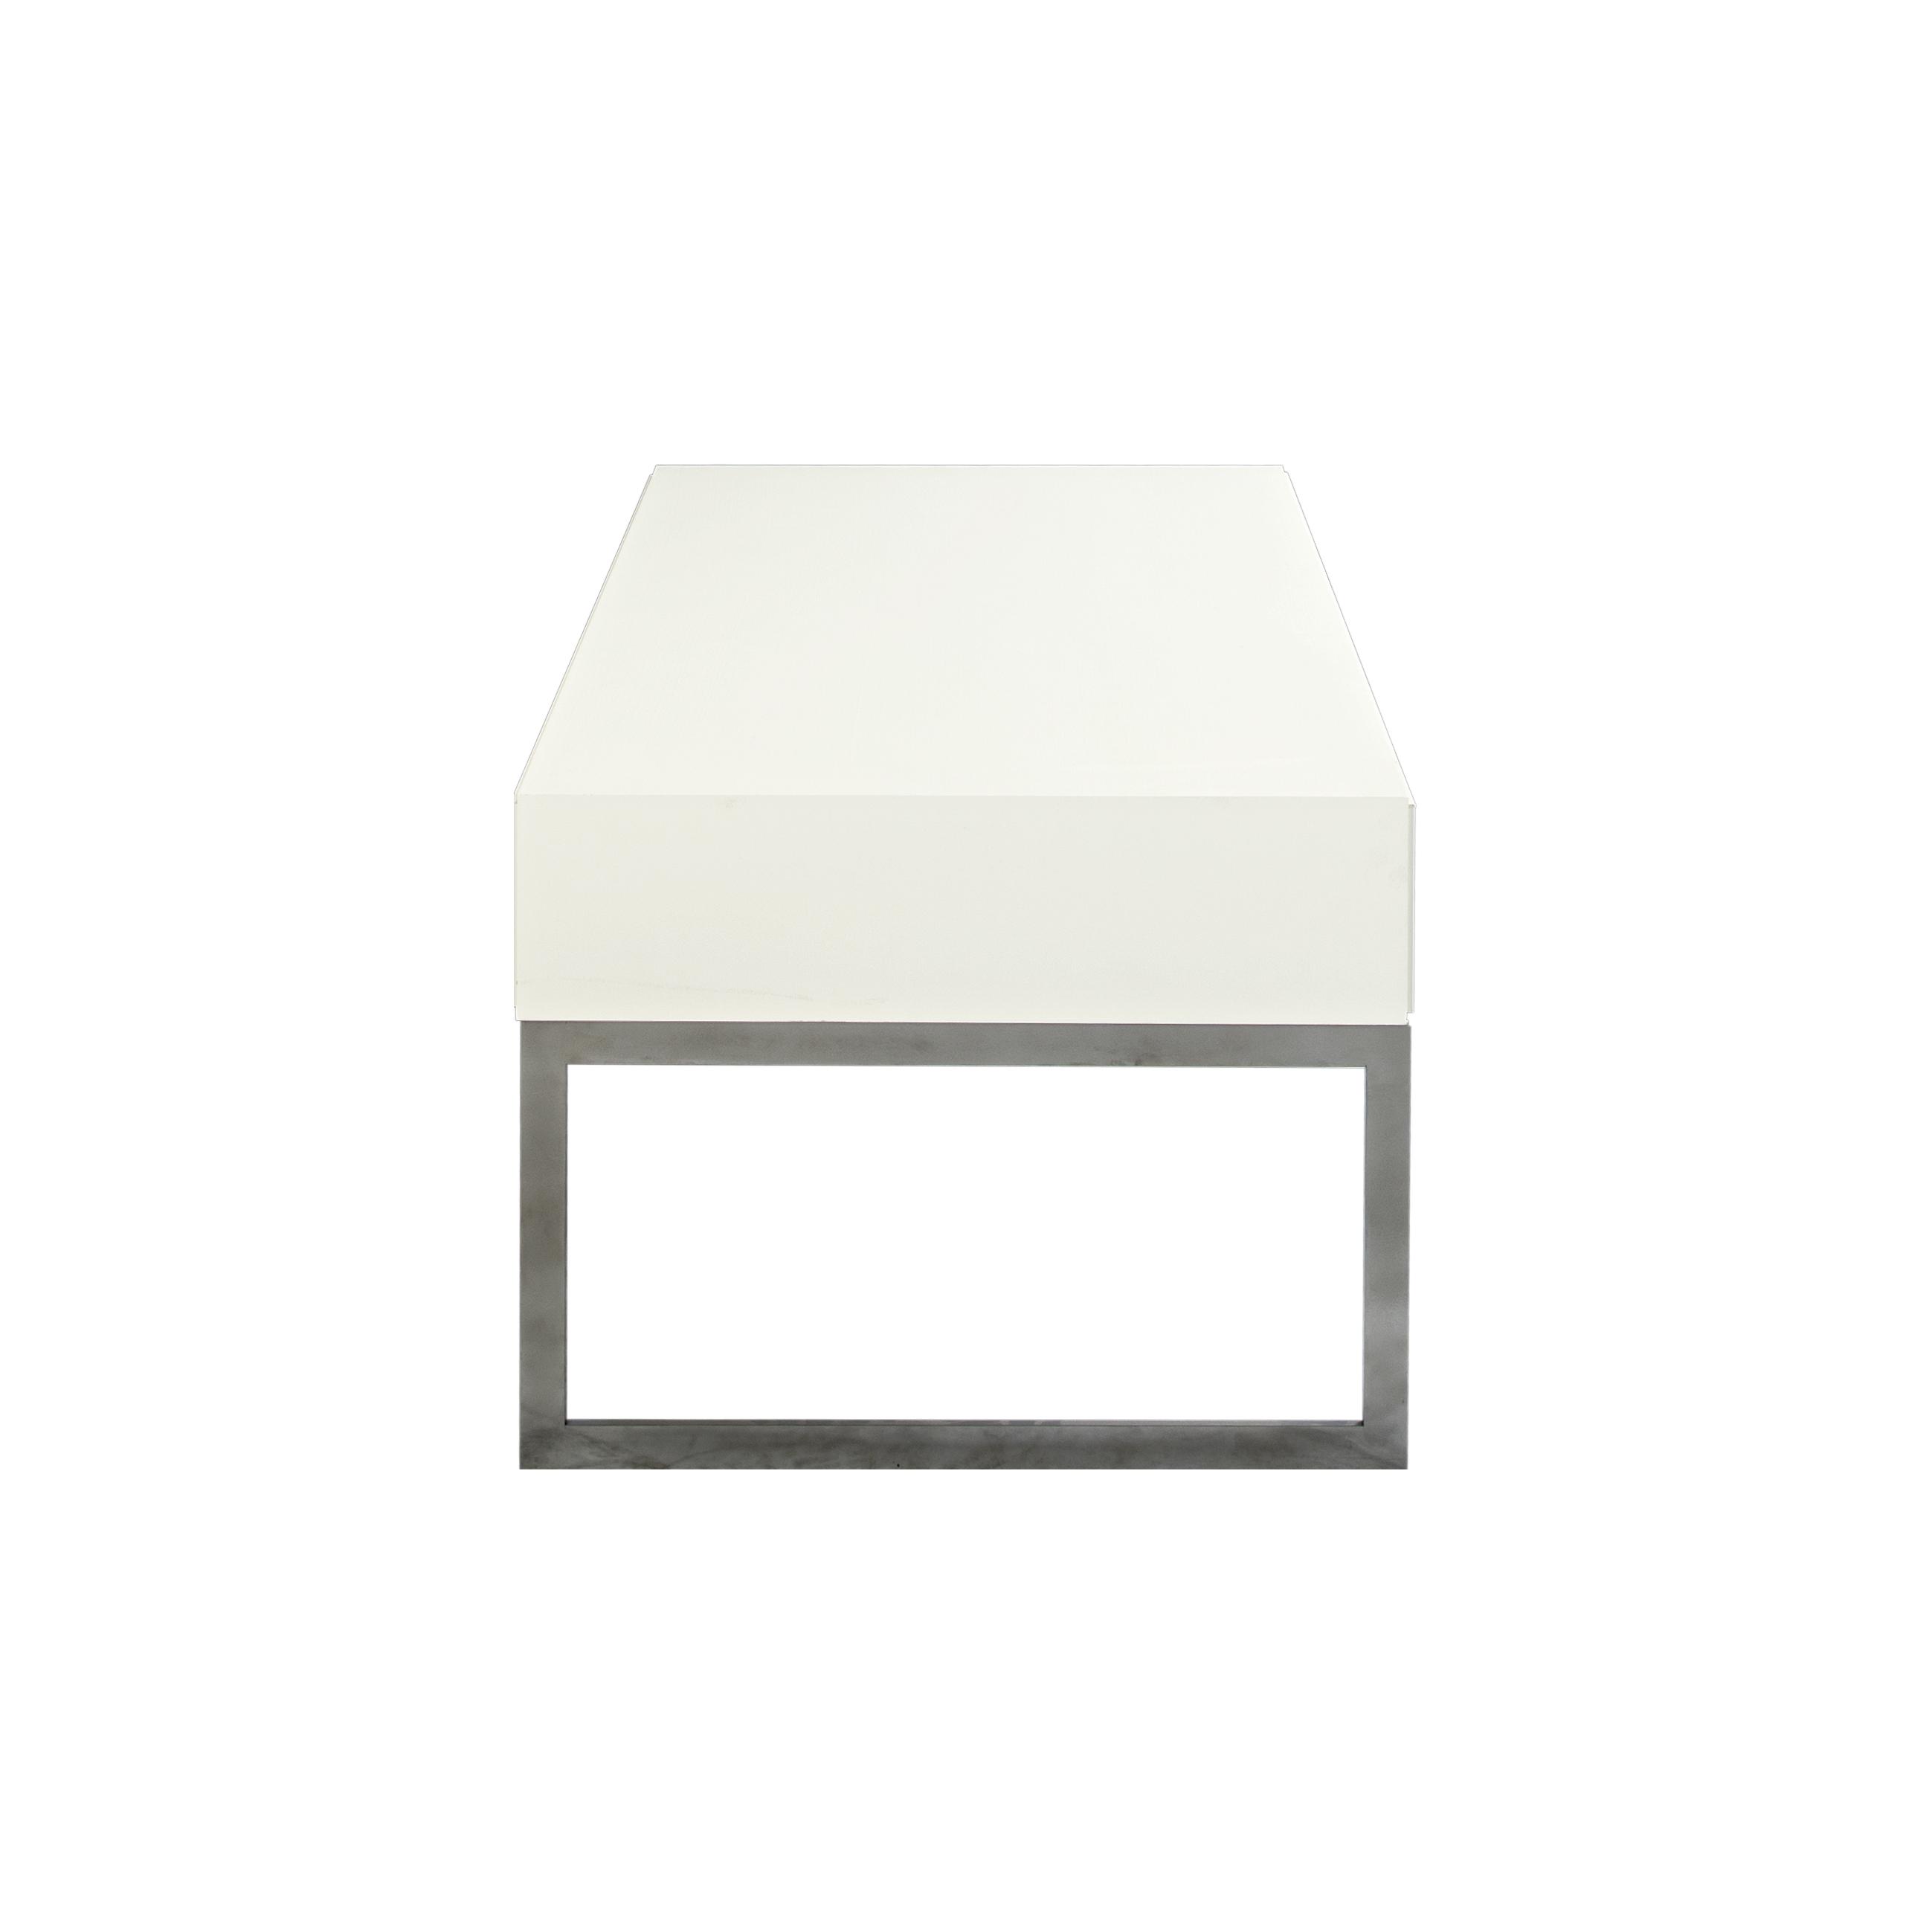 Line Soffbord rektangulärt White med benställning från sidan - englesson.se